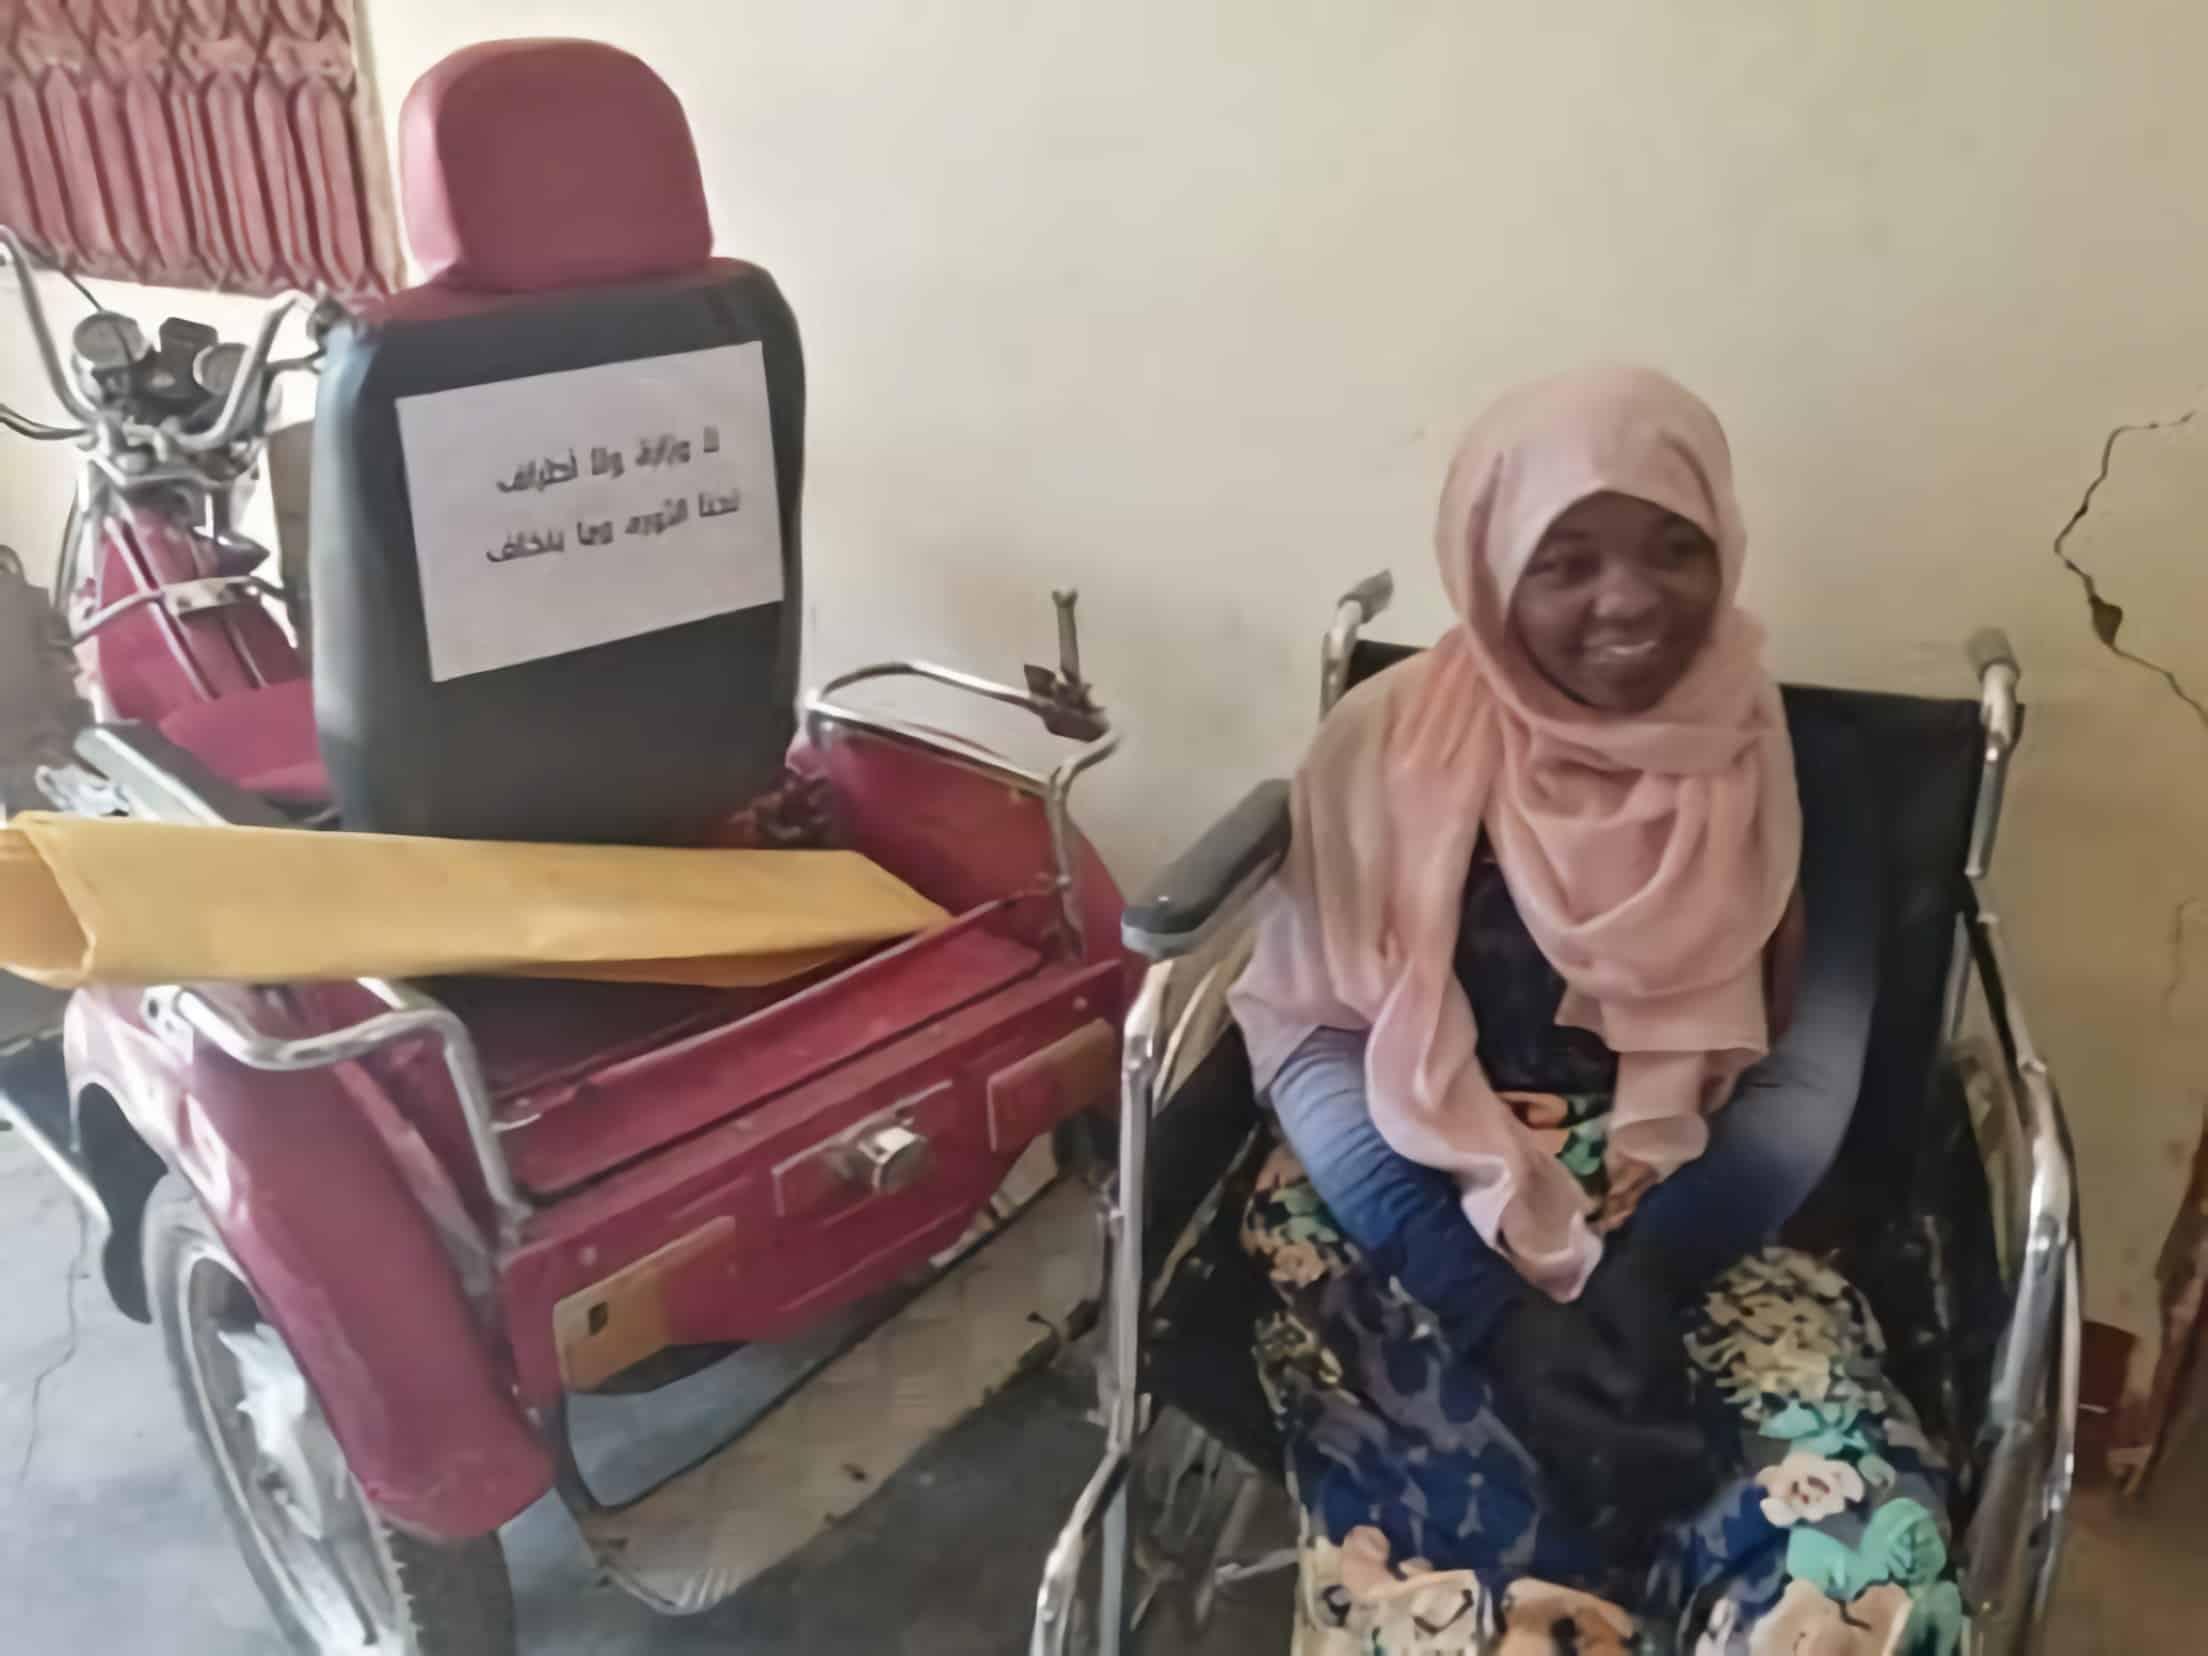 اعتصام مفتوح لذوي الإعاقة شمالي السودان